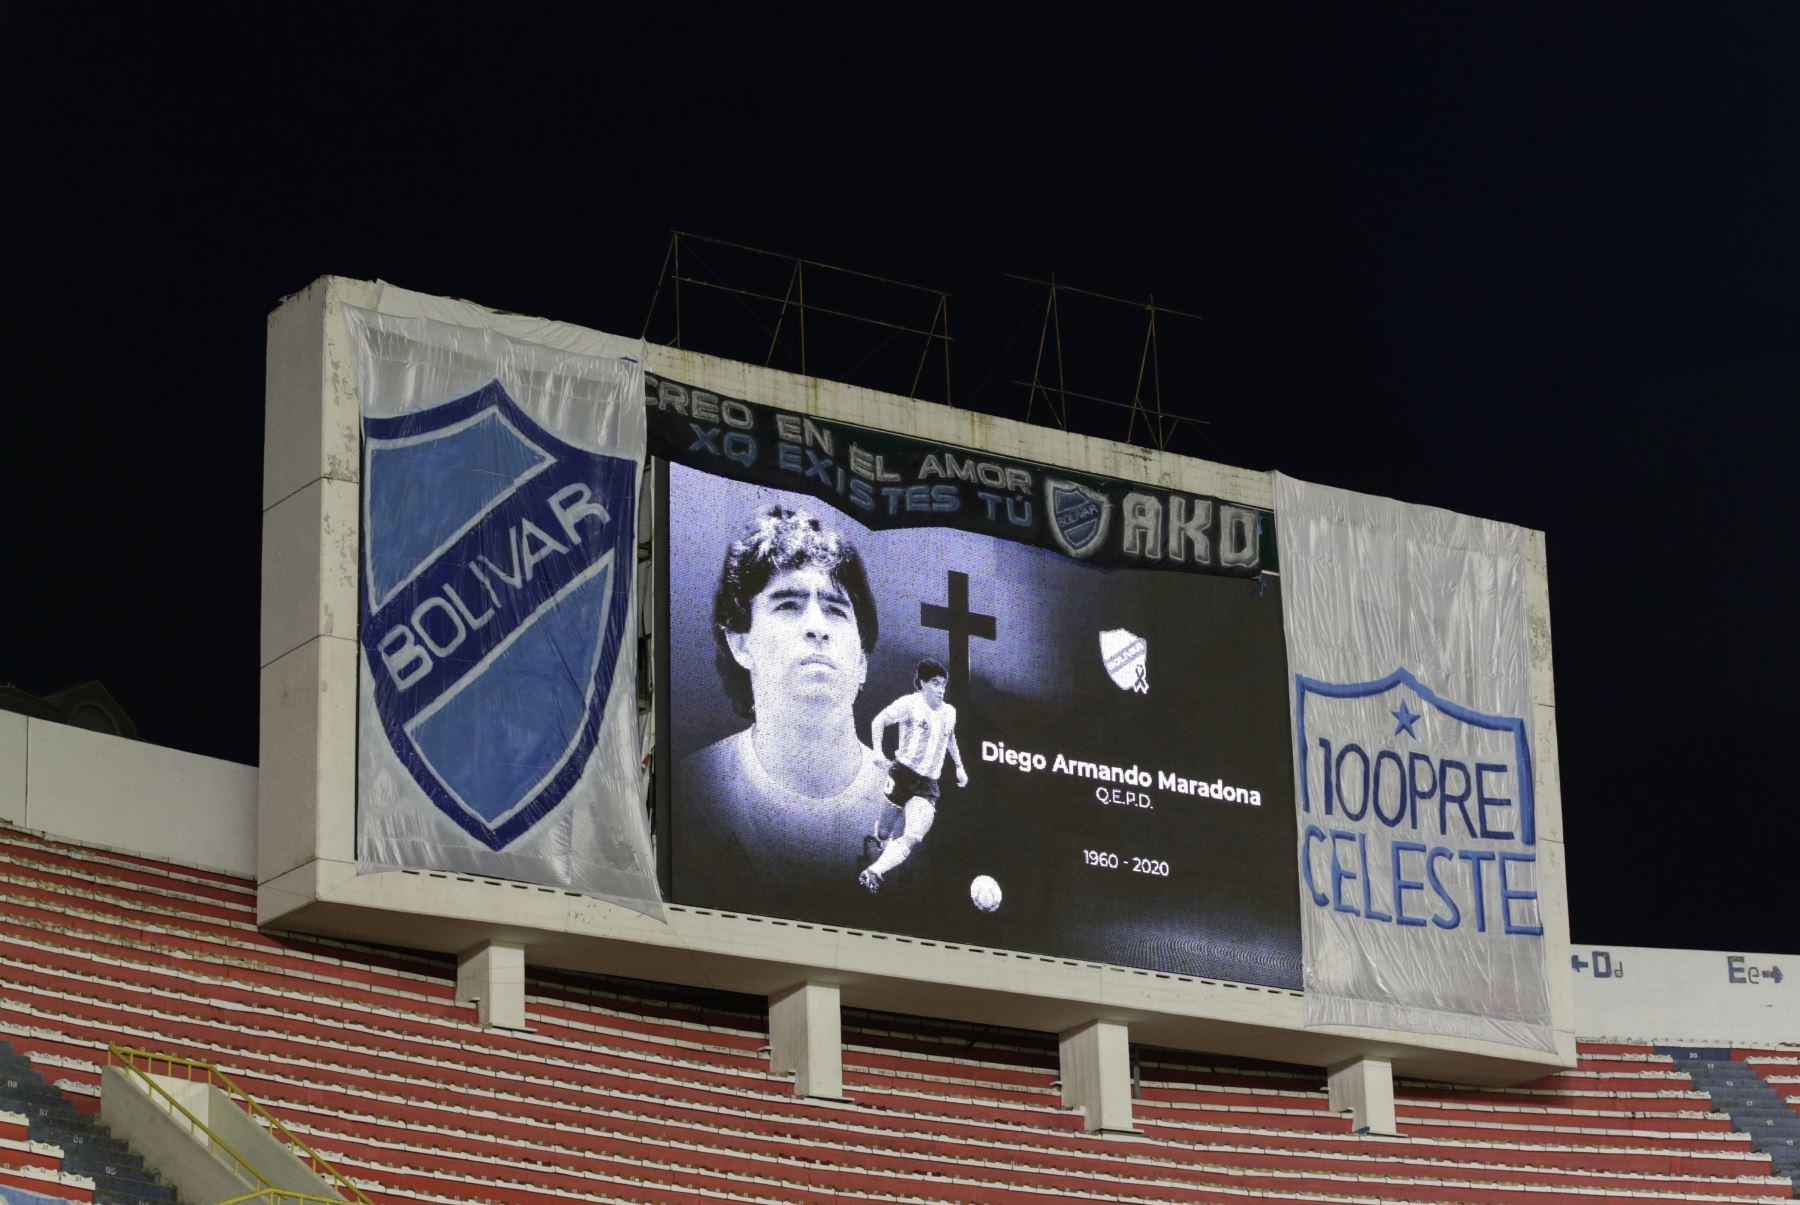 Vista de un cartel en homenaje al fallecido astro del fútbol argentino Diego Armando Maradona en el estadio Hernando Siles de La Paz. Foto: AFP